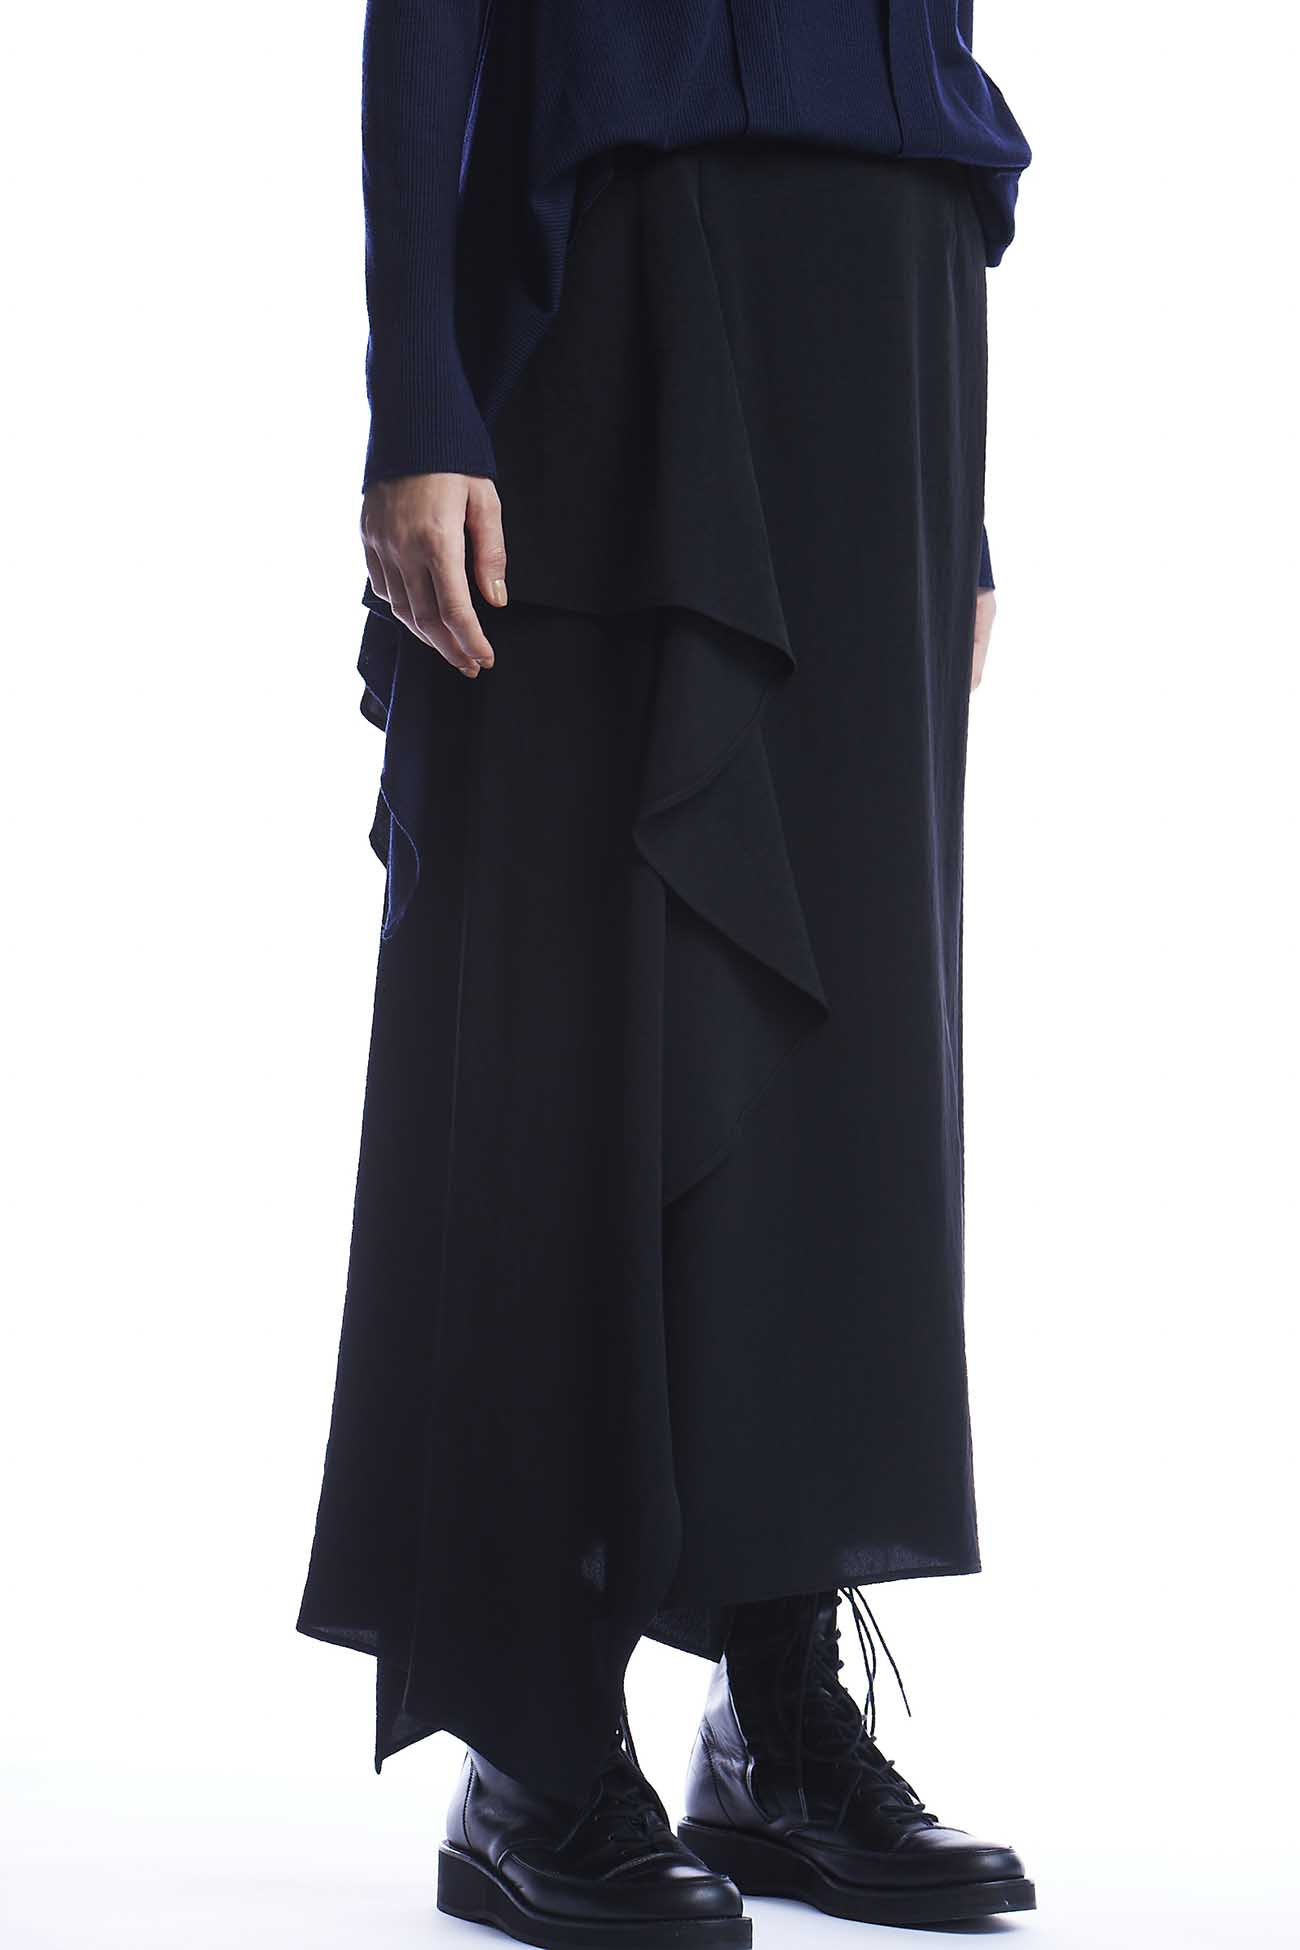 トリアセデシン 右フリルスカート